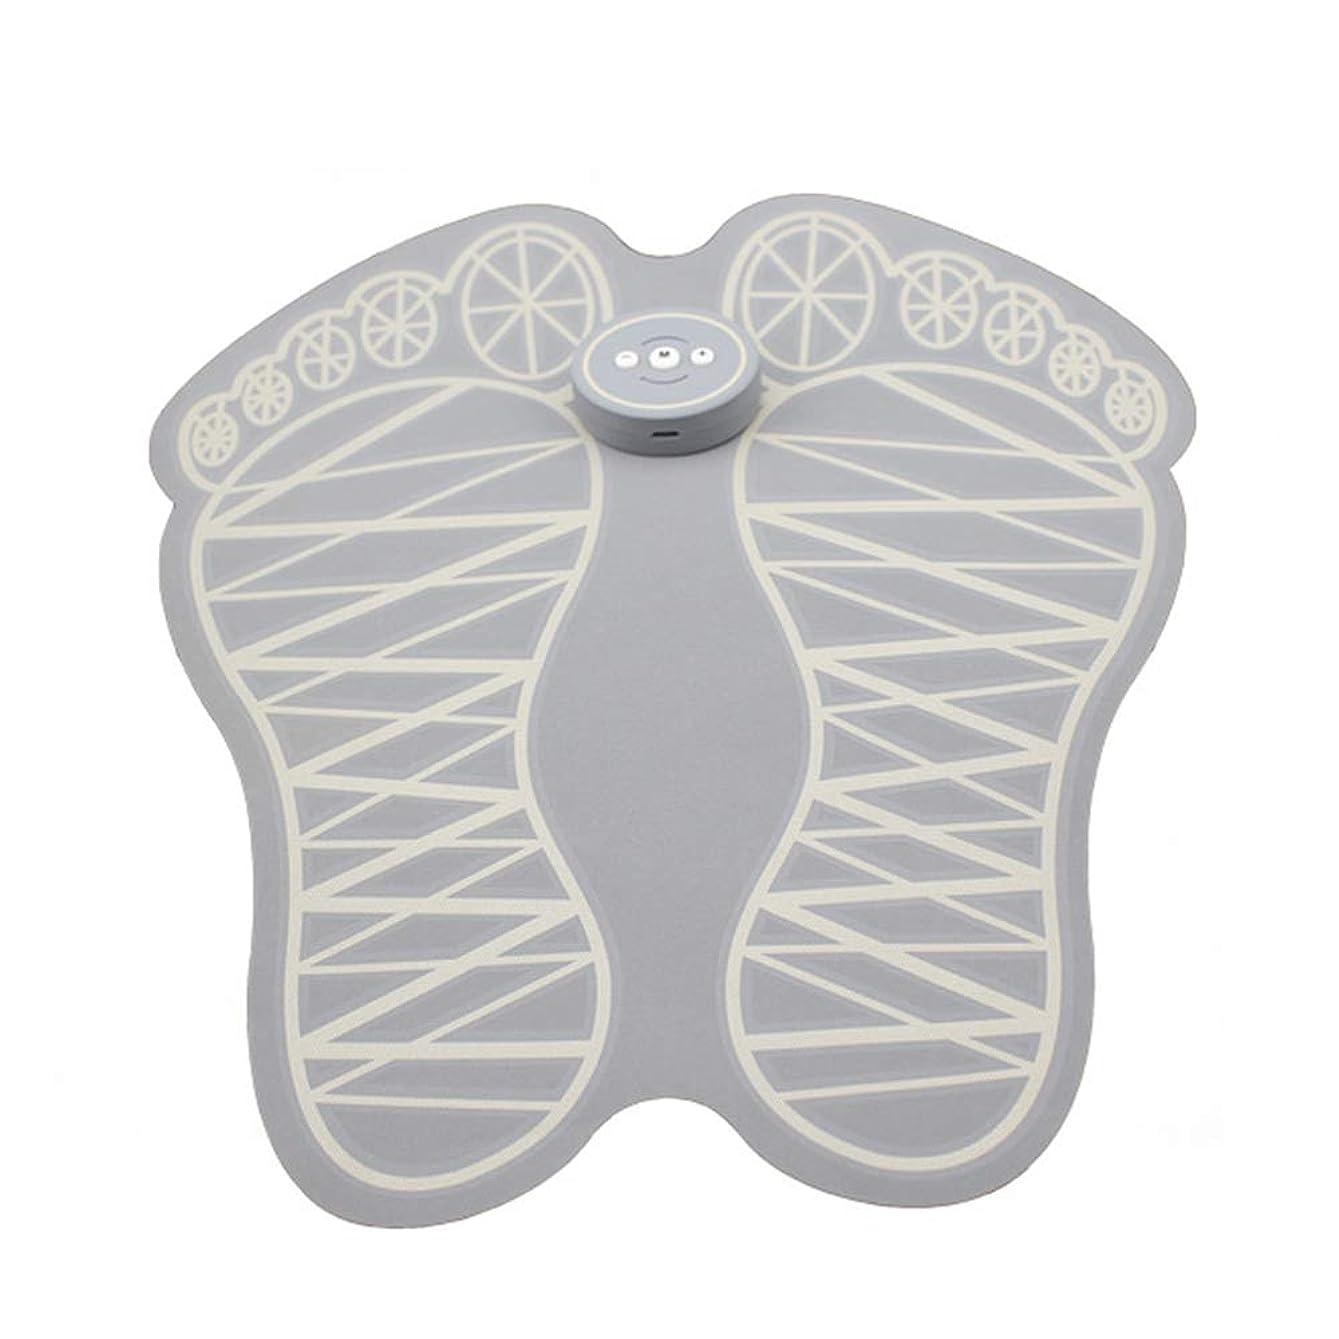 家操る望ましい電動フットマッサージャー、EMS電動マッサージクッションフットマッサージャーマシンマッスルマッサージャーマッスルスティミュレーターUSB充電式折りたたみ式ポータブルフットマッサージャー血液循環を促進